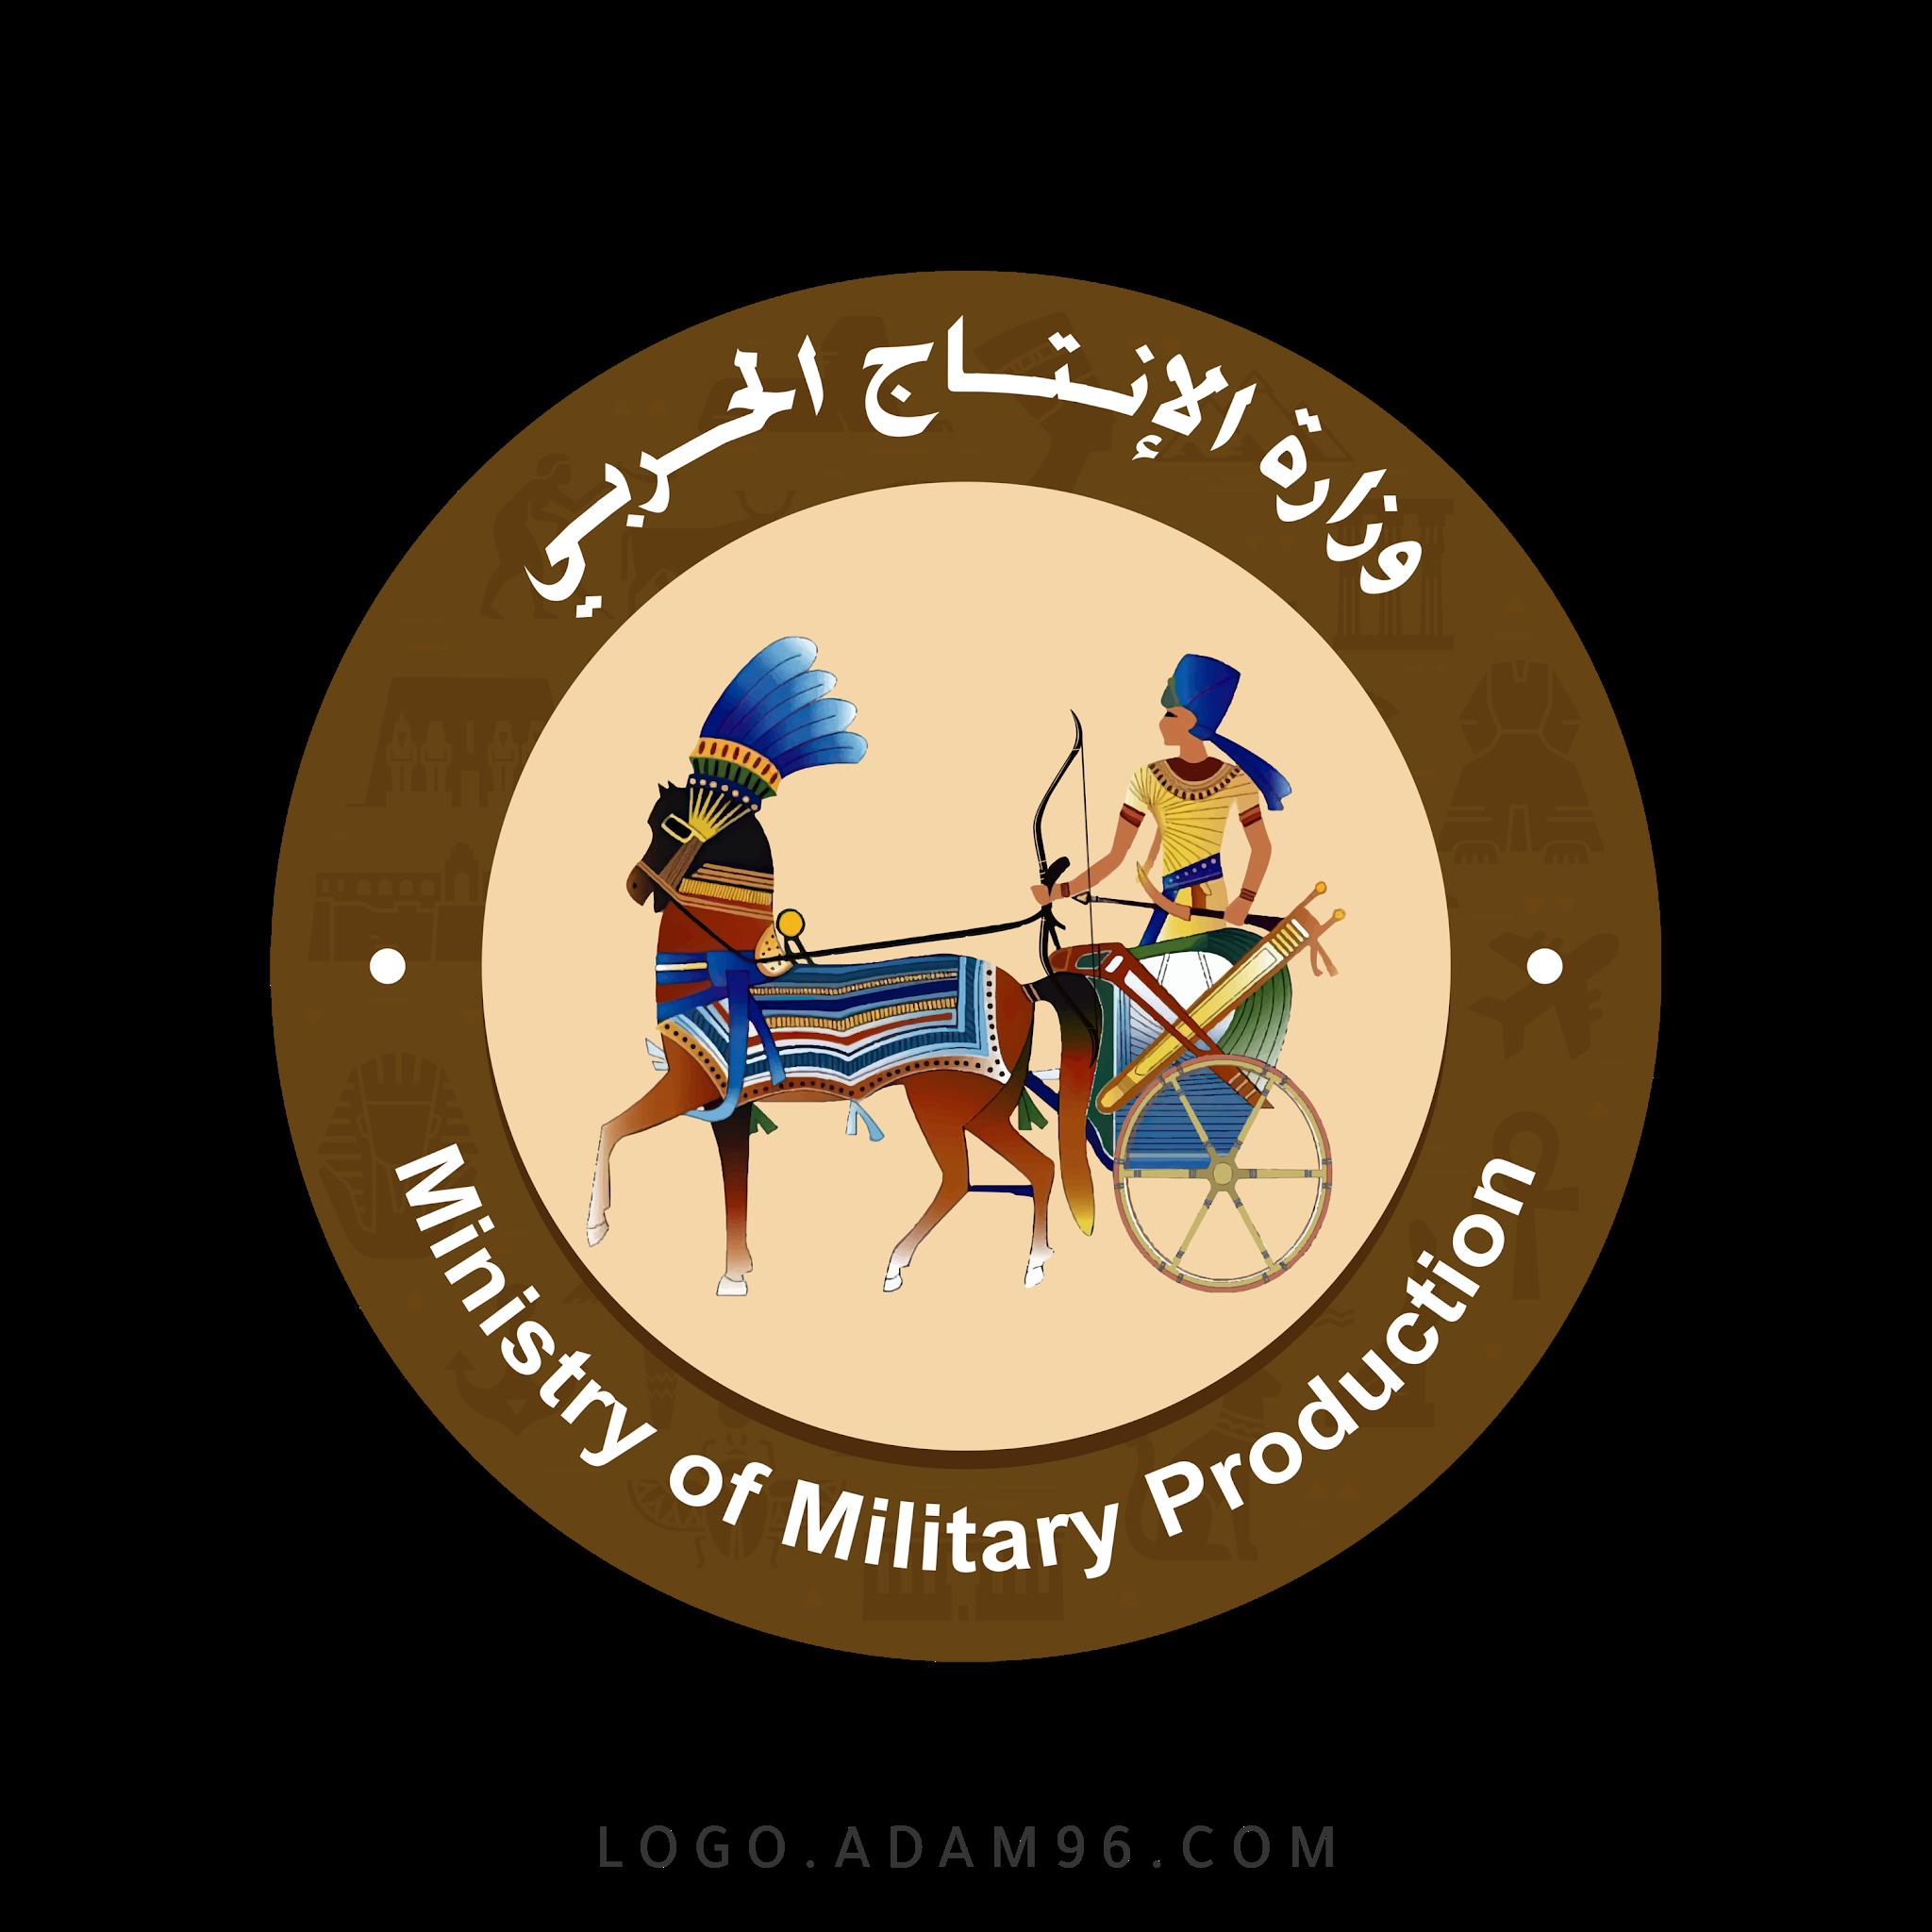 تحميل شعار وزارة الإنتاج الحربي - مصر لوجو رسمي عالي الجودة بصيغة PNG